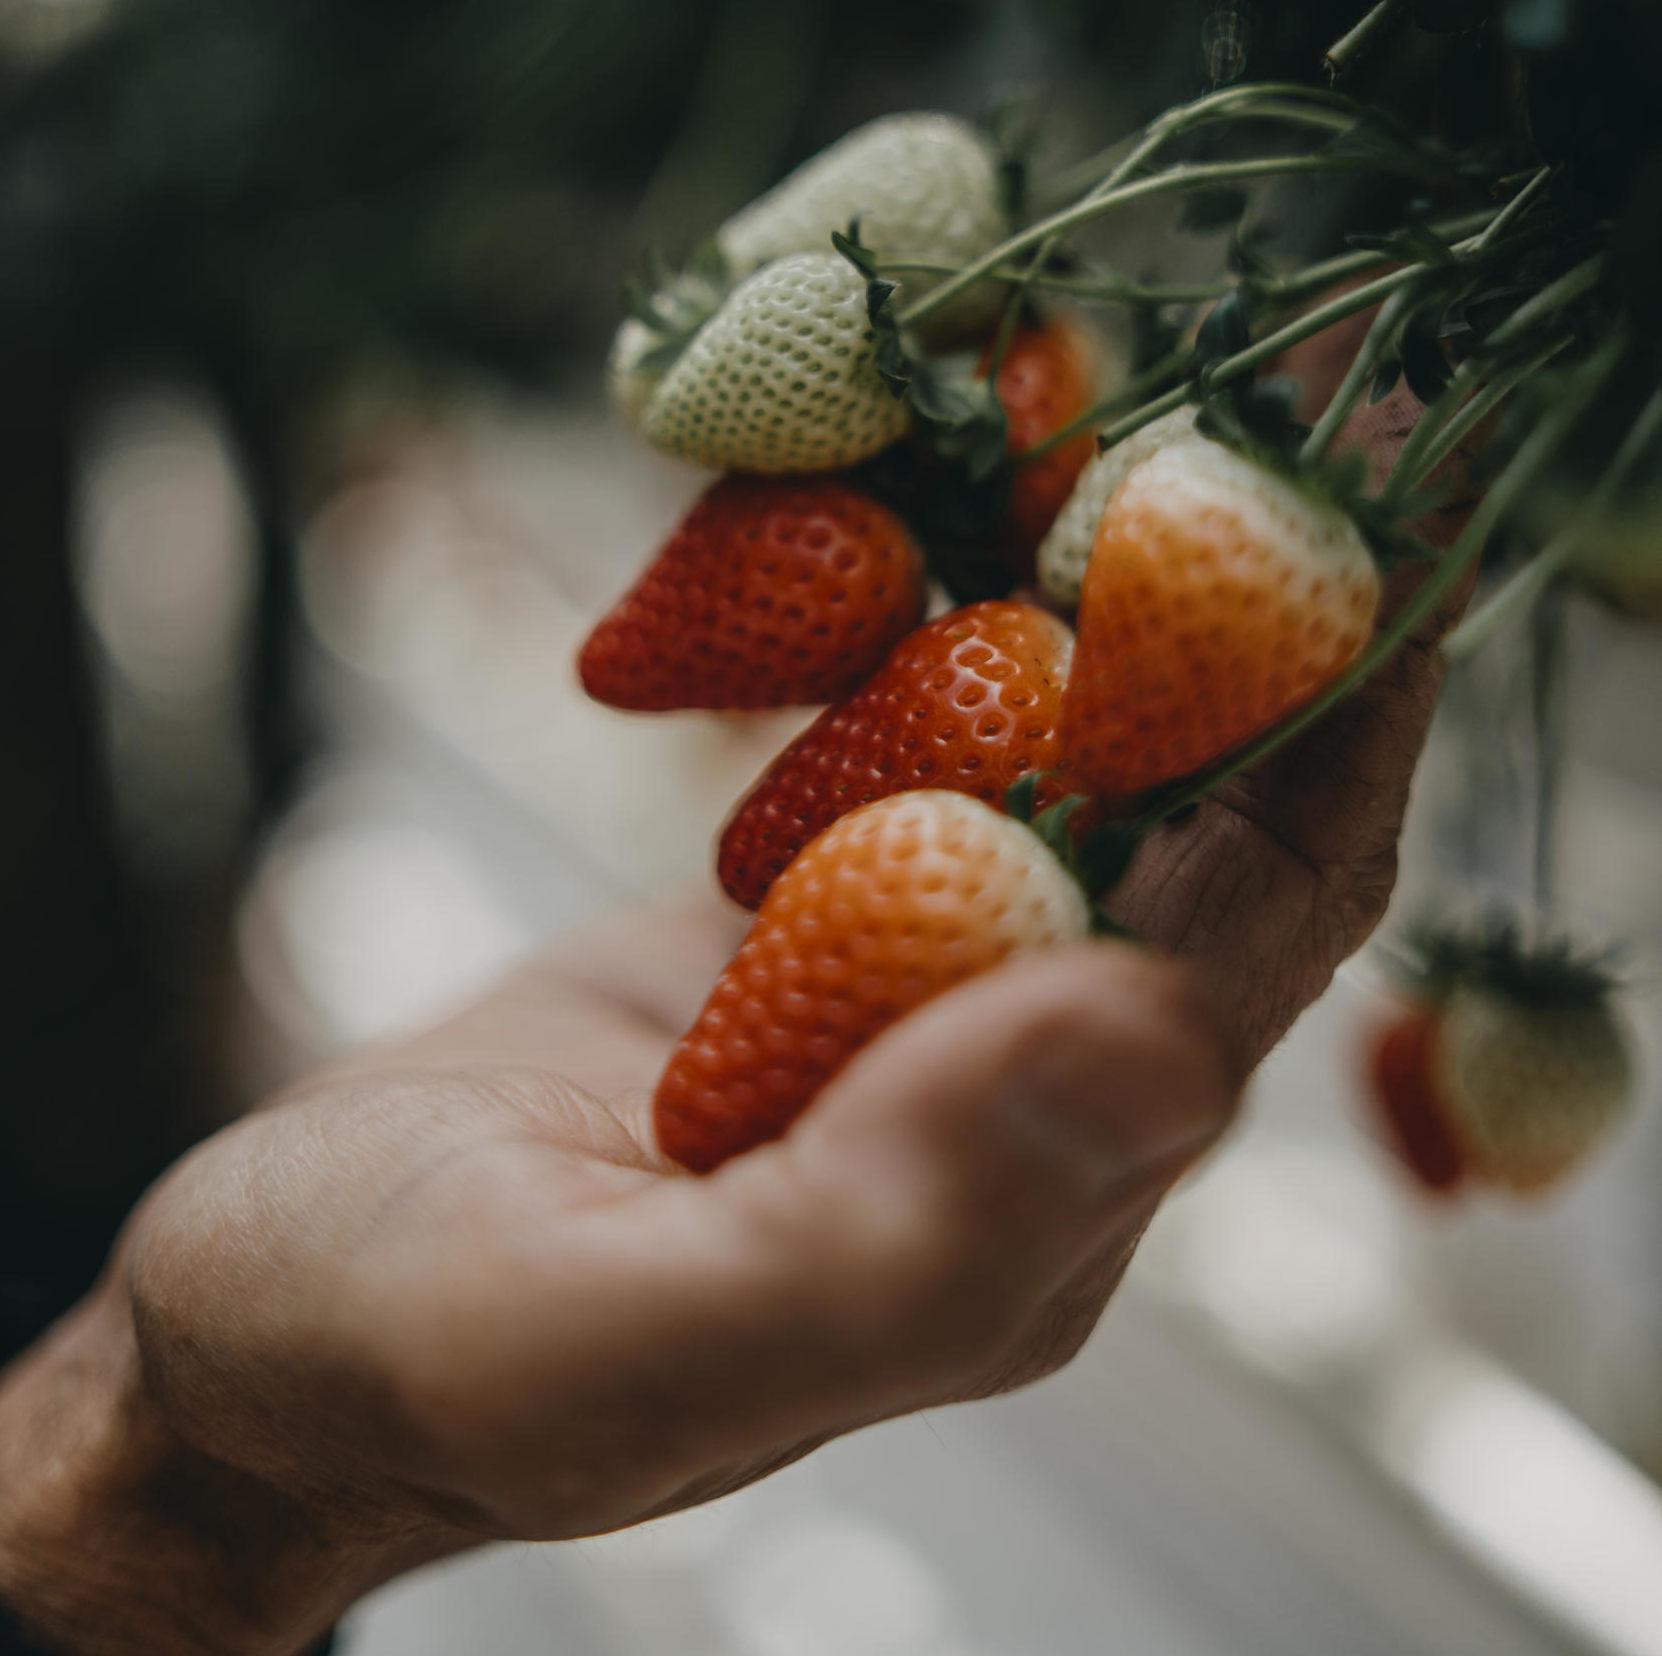 aardbeien in hand